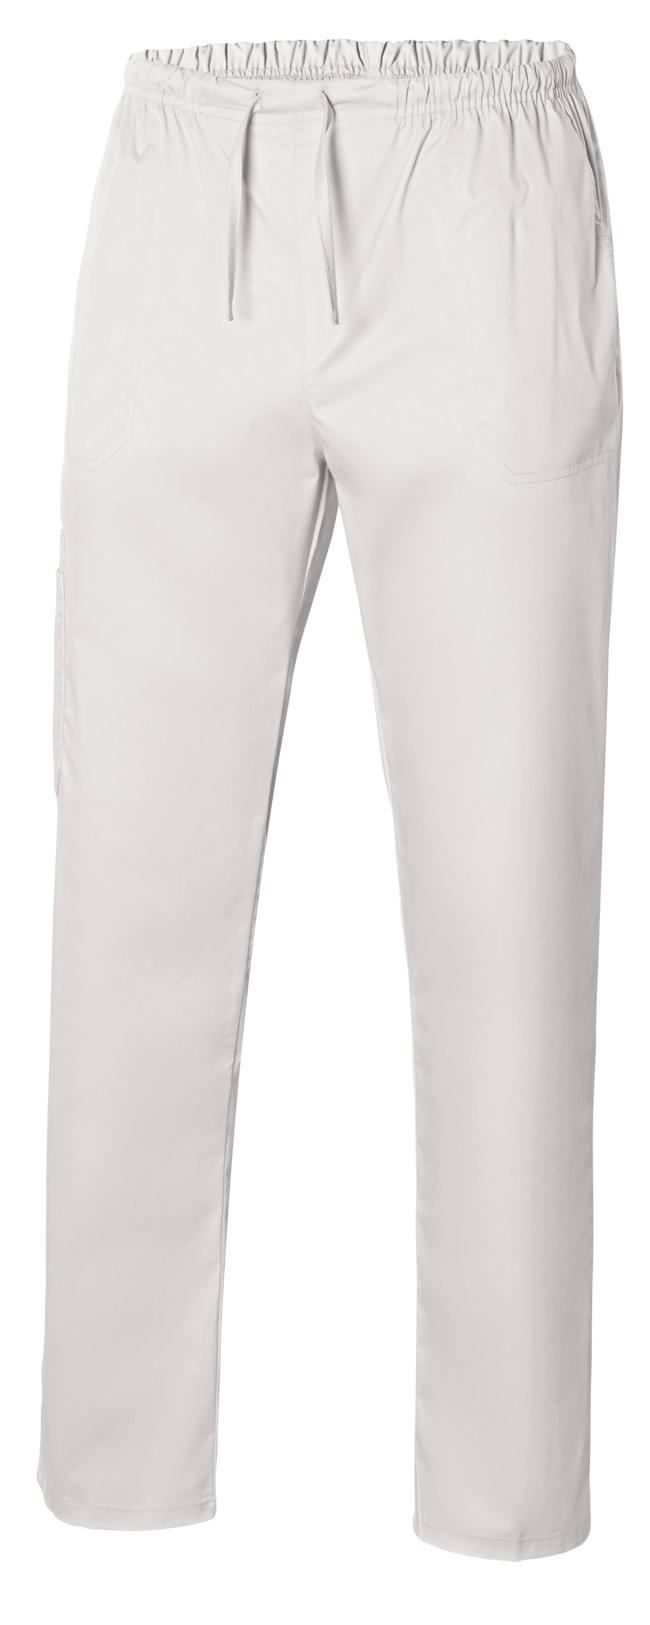 Calças Pijama 533006S - MyPrint Merchandising